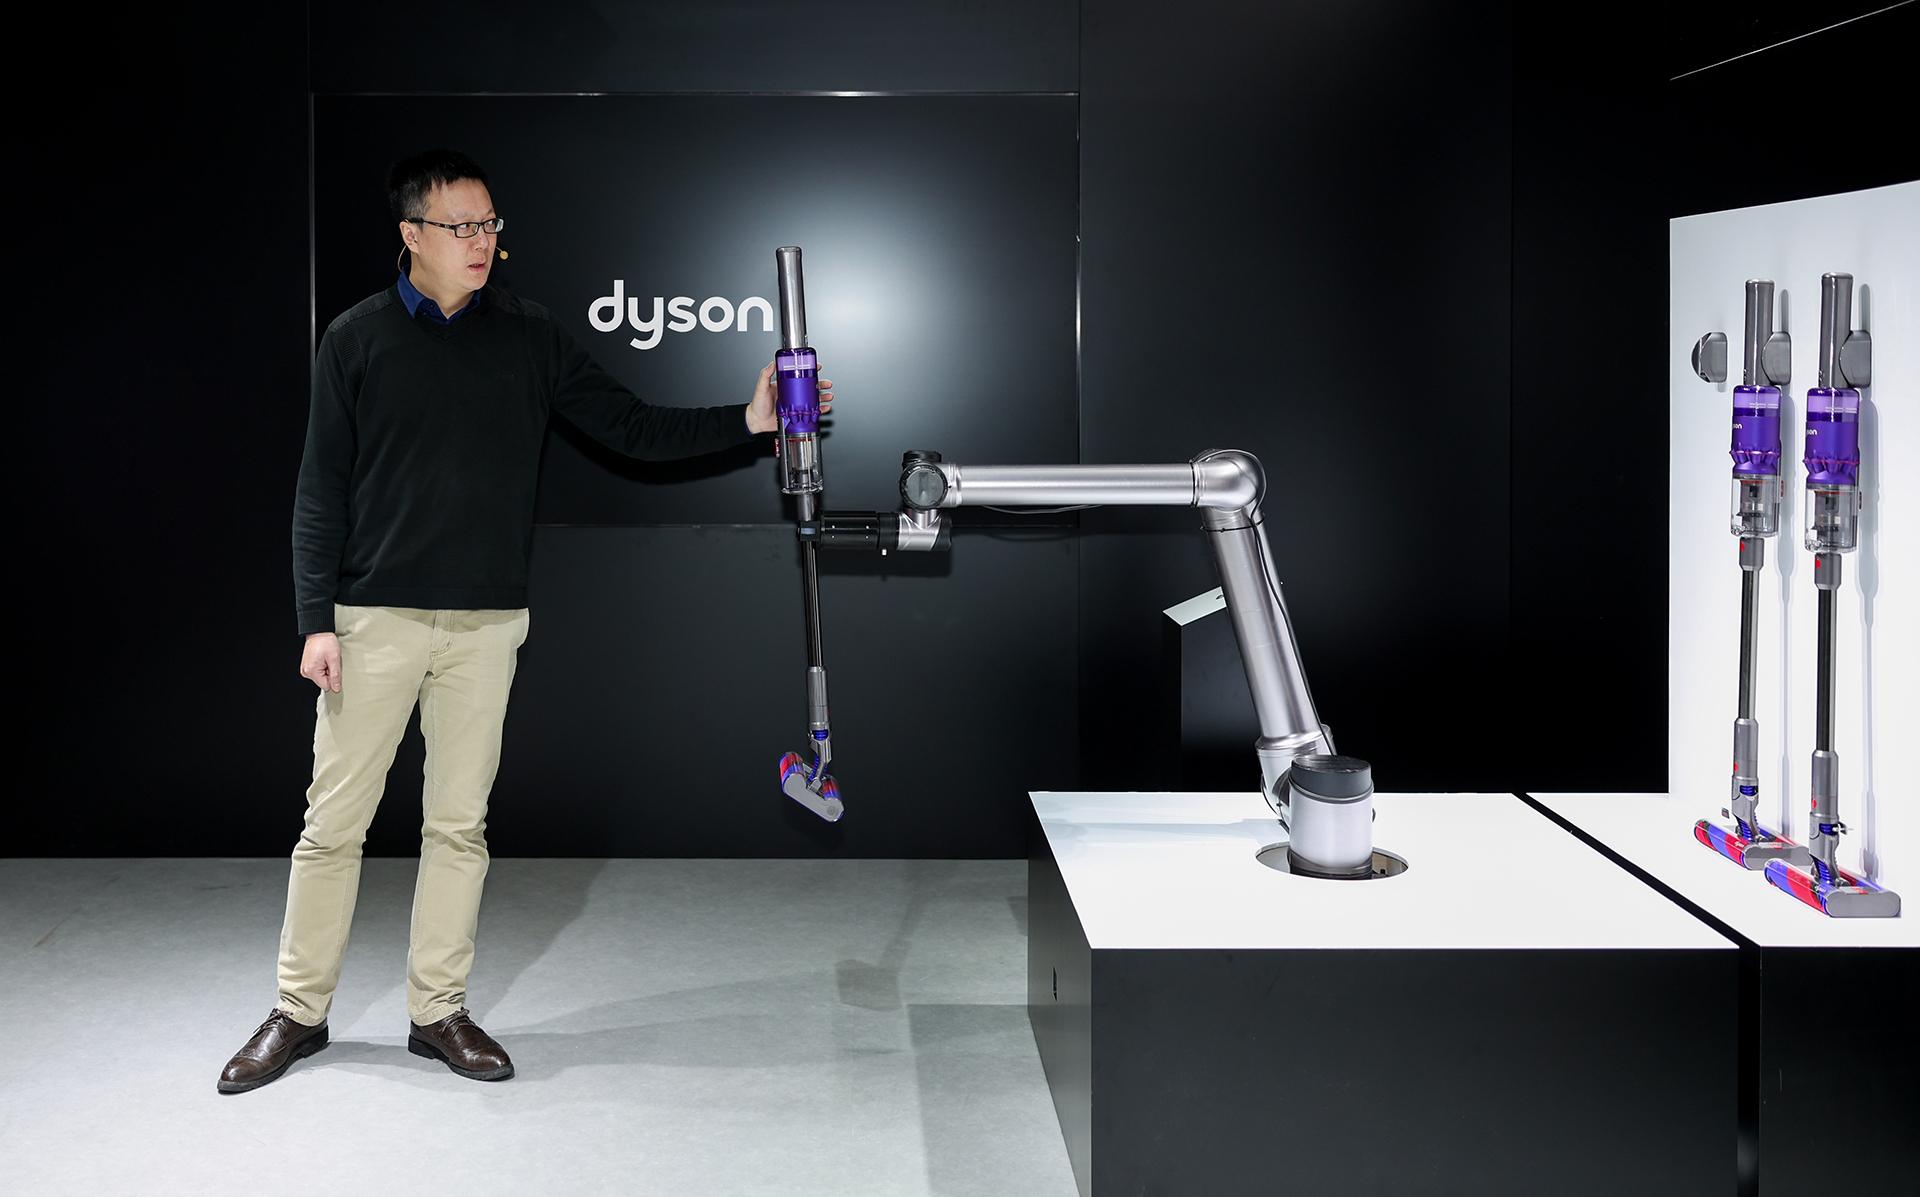 戴森正式发布 Omni-glide 万向吸尘器颠覆传统单向清洁方式,起售价 3390 元